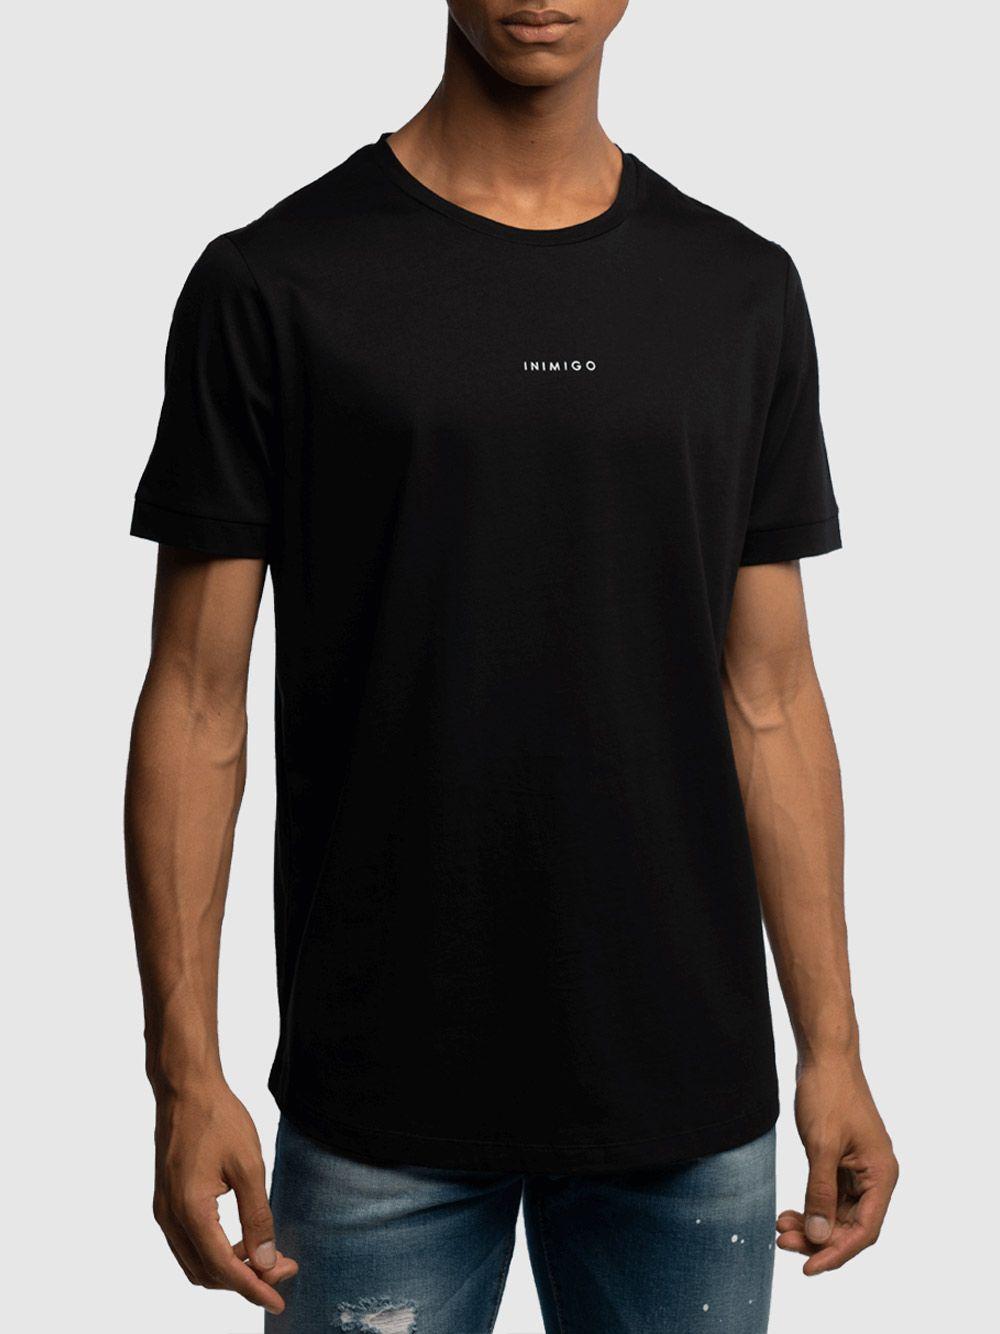 Inimigo Stamp T-shirt   Inimigo